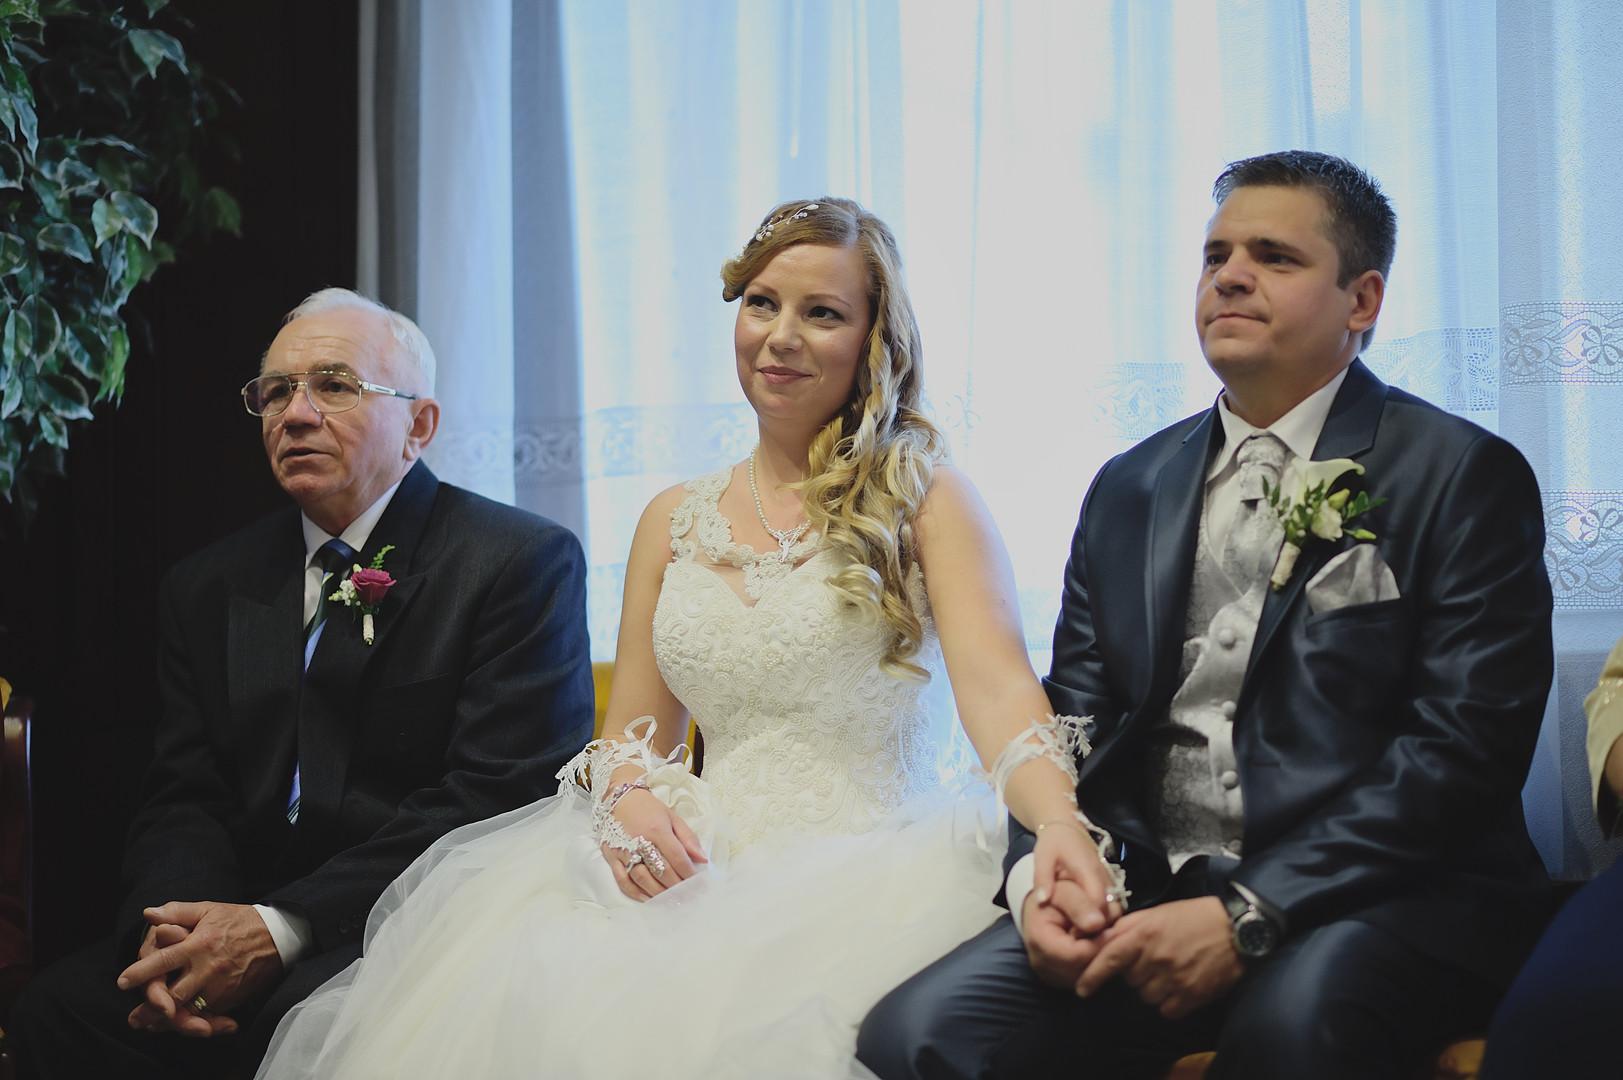 043 Esküvői fotózás - Enikő és Peti.jpg